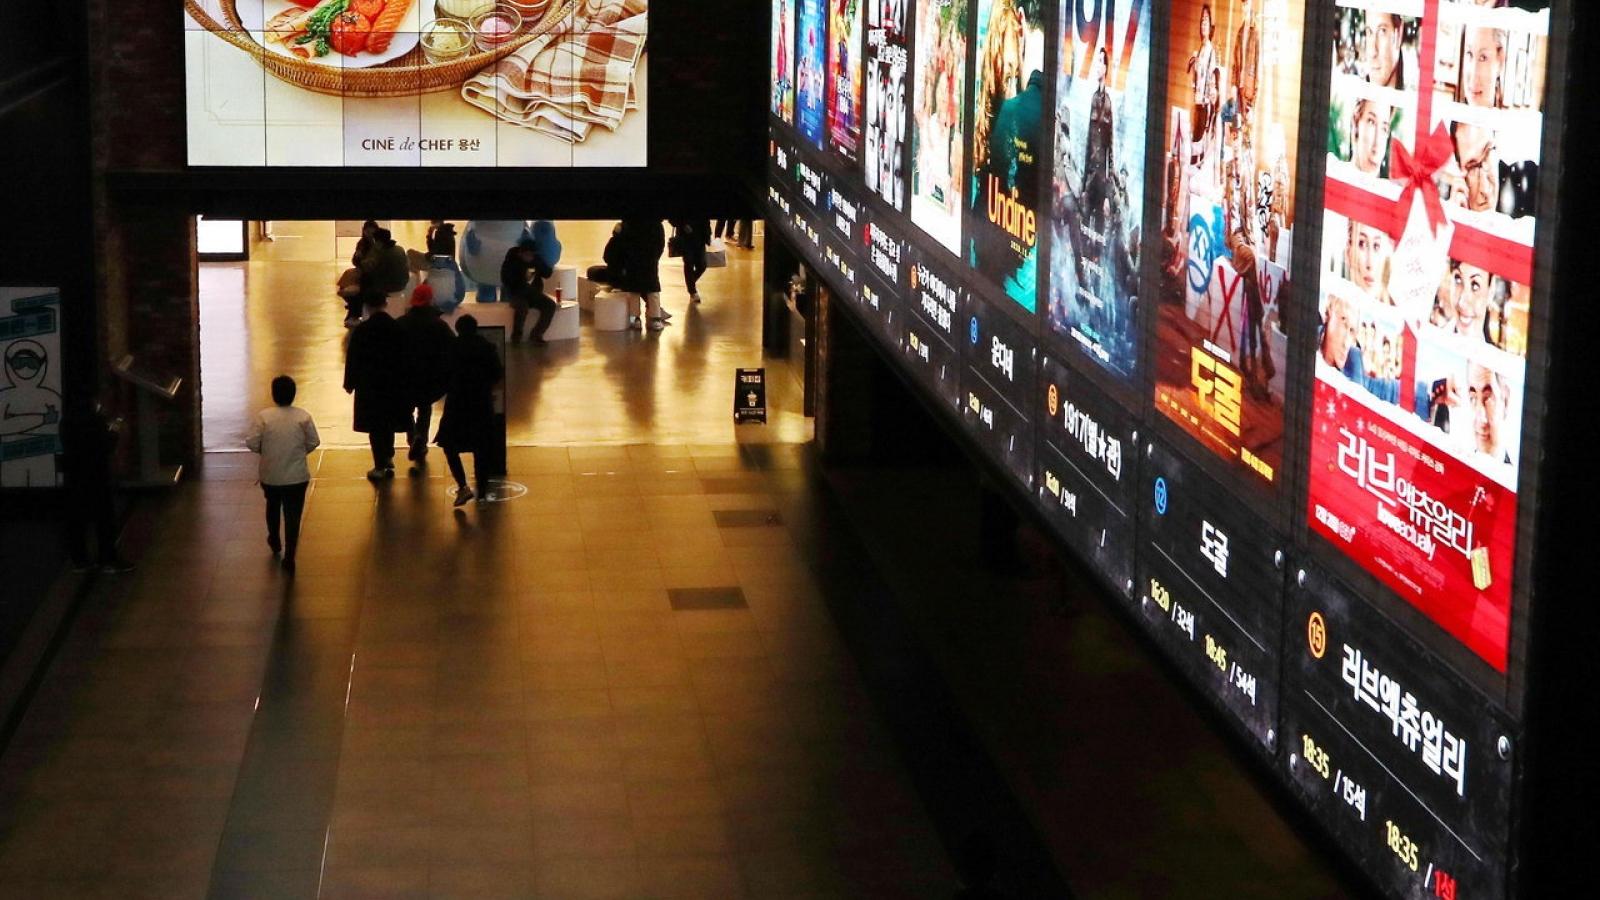 Rạp chiếu phim đóng cửa hàng loạt ở Hàn Quốcvì Covid-19